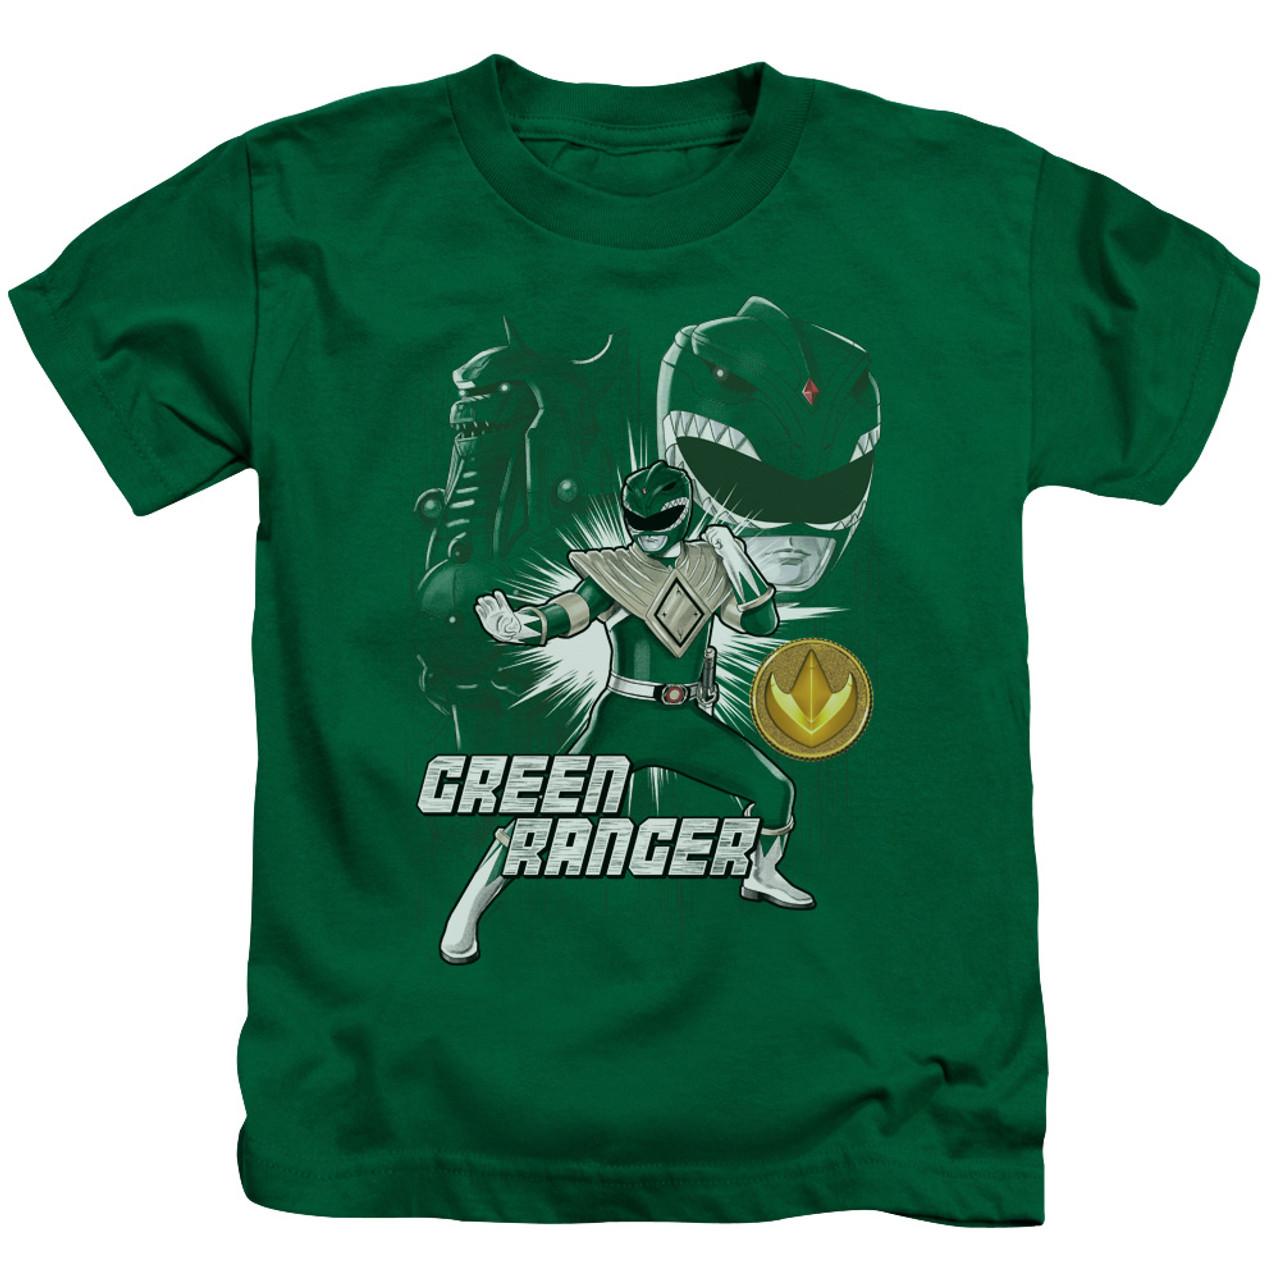 Mighty Morphin Power Rangers GREEN RANGER Licensed T-Shirt KIDS Sizes 4 5//6 7